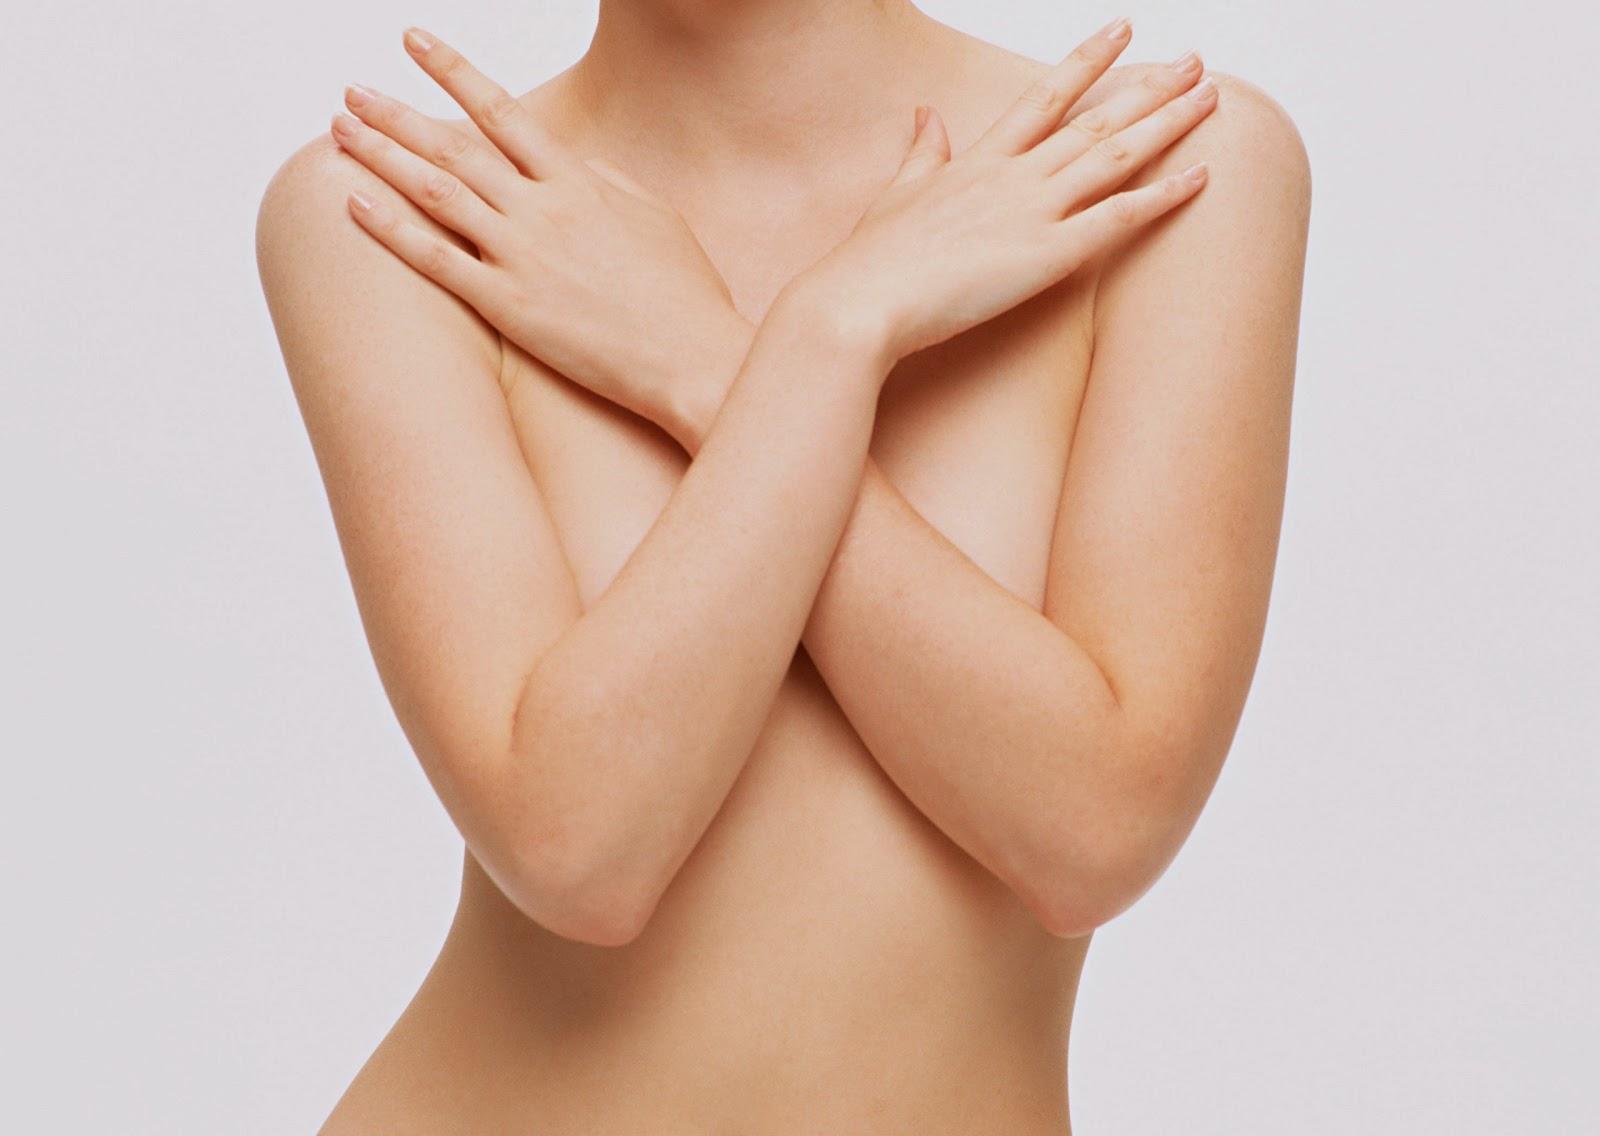 ¿Por qué las mujeres no están felices con sus pechos?